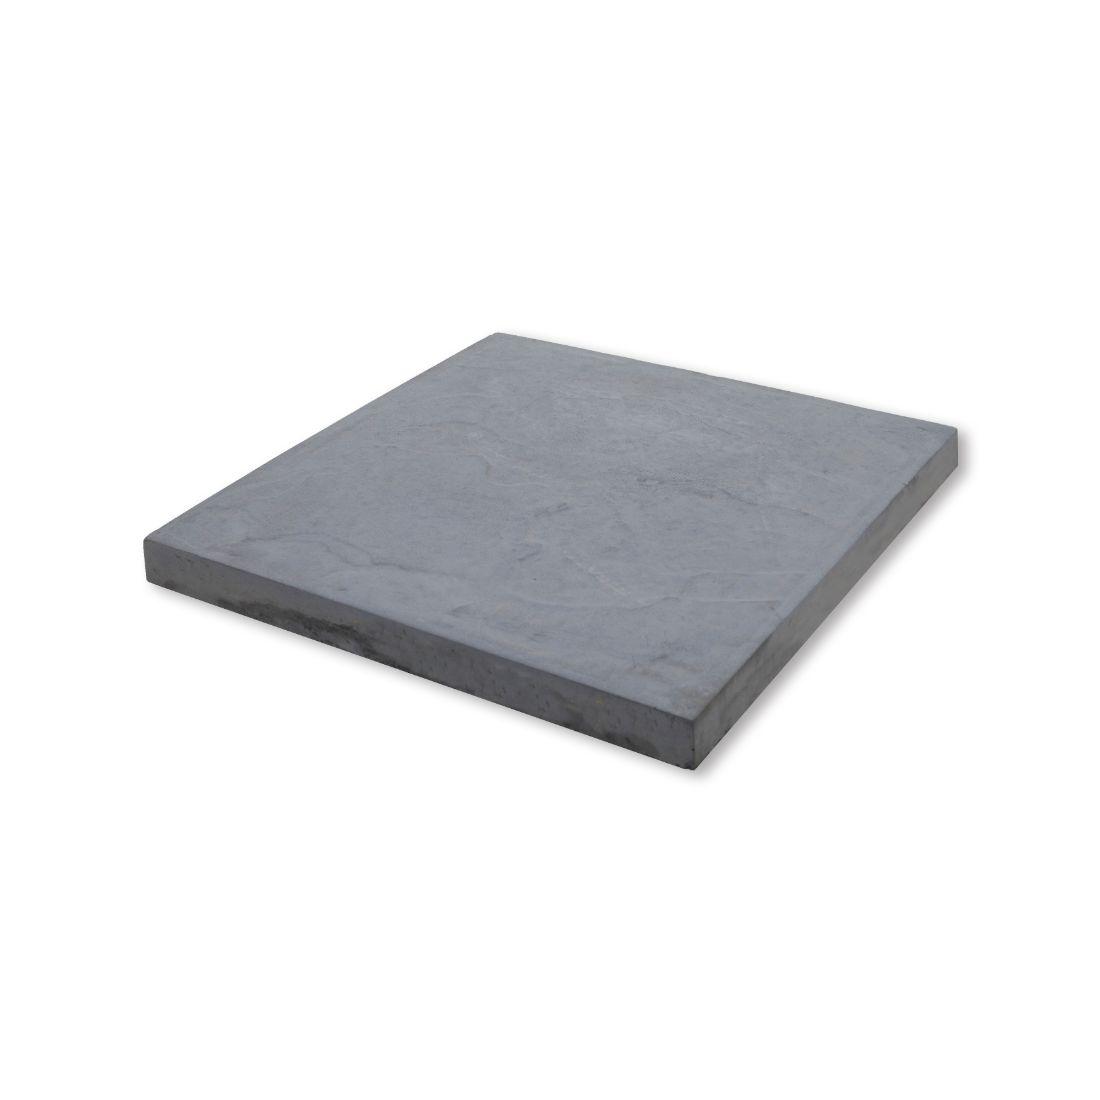 Romani Concrete Paver 600 x 600 x 37mm Grey River